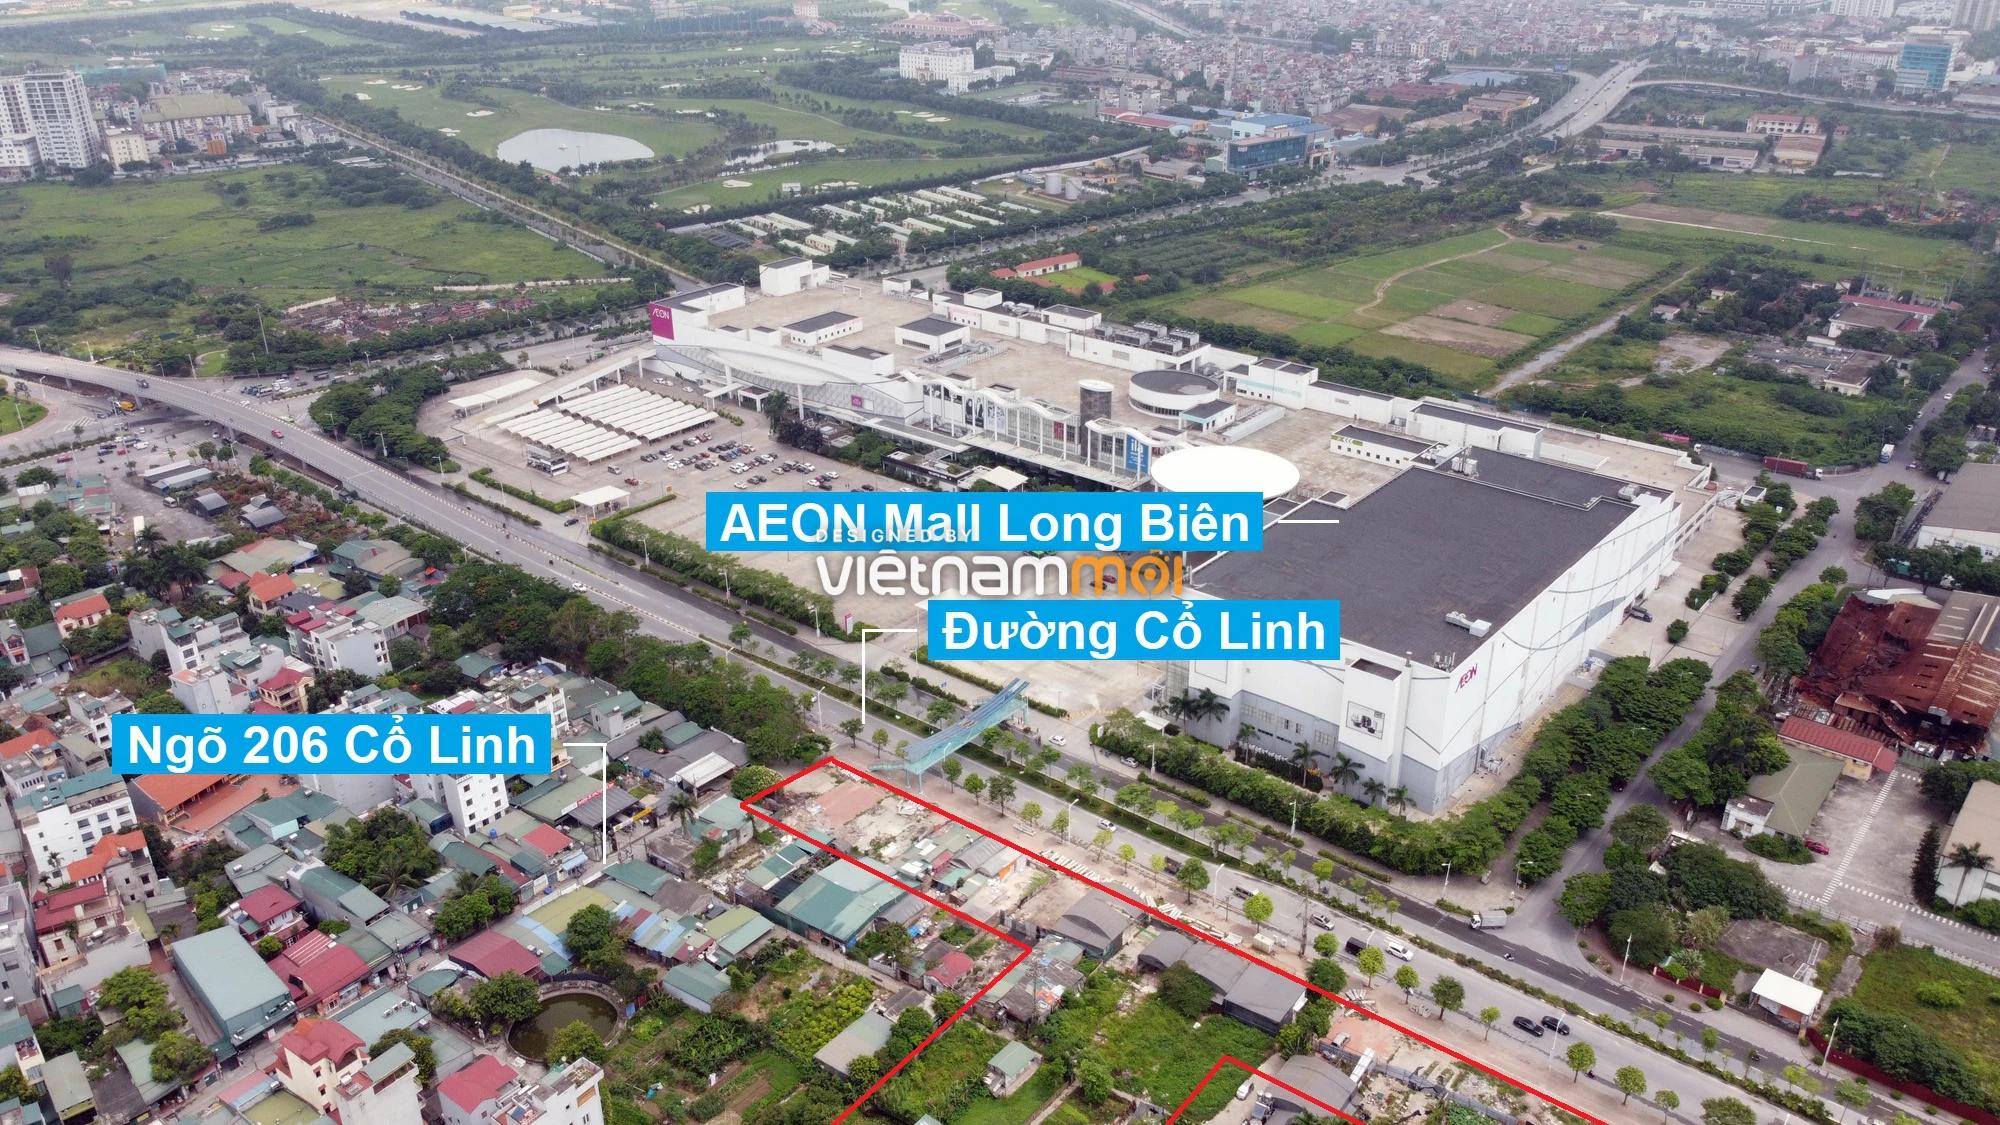 Những khu đất sắp thu hồi để mở đường ở phường Long Biên, Long Biên, Hà Nội (phần 3) - Ảnh 8.